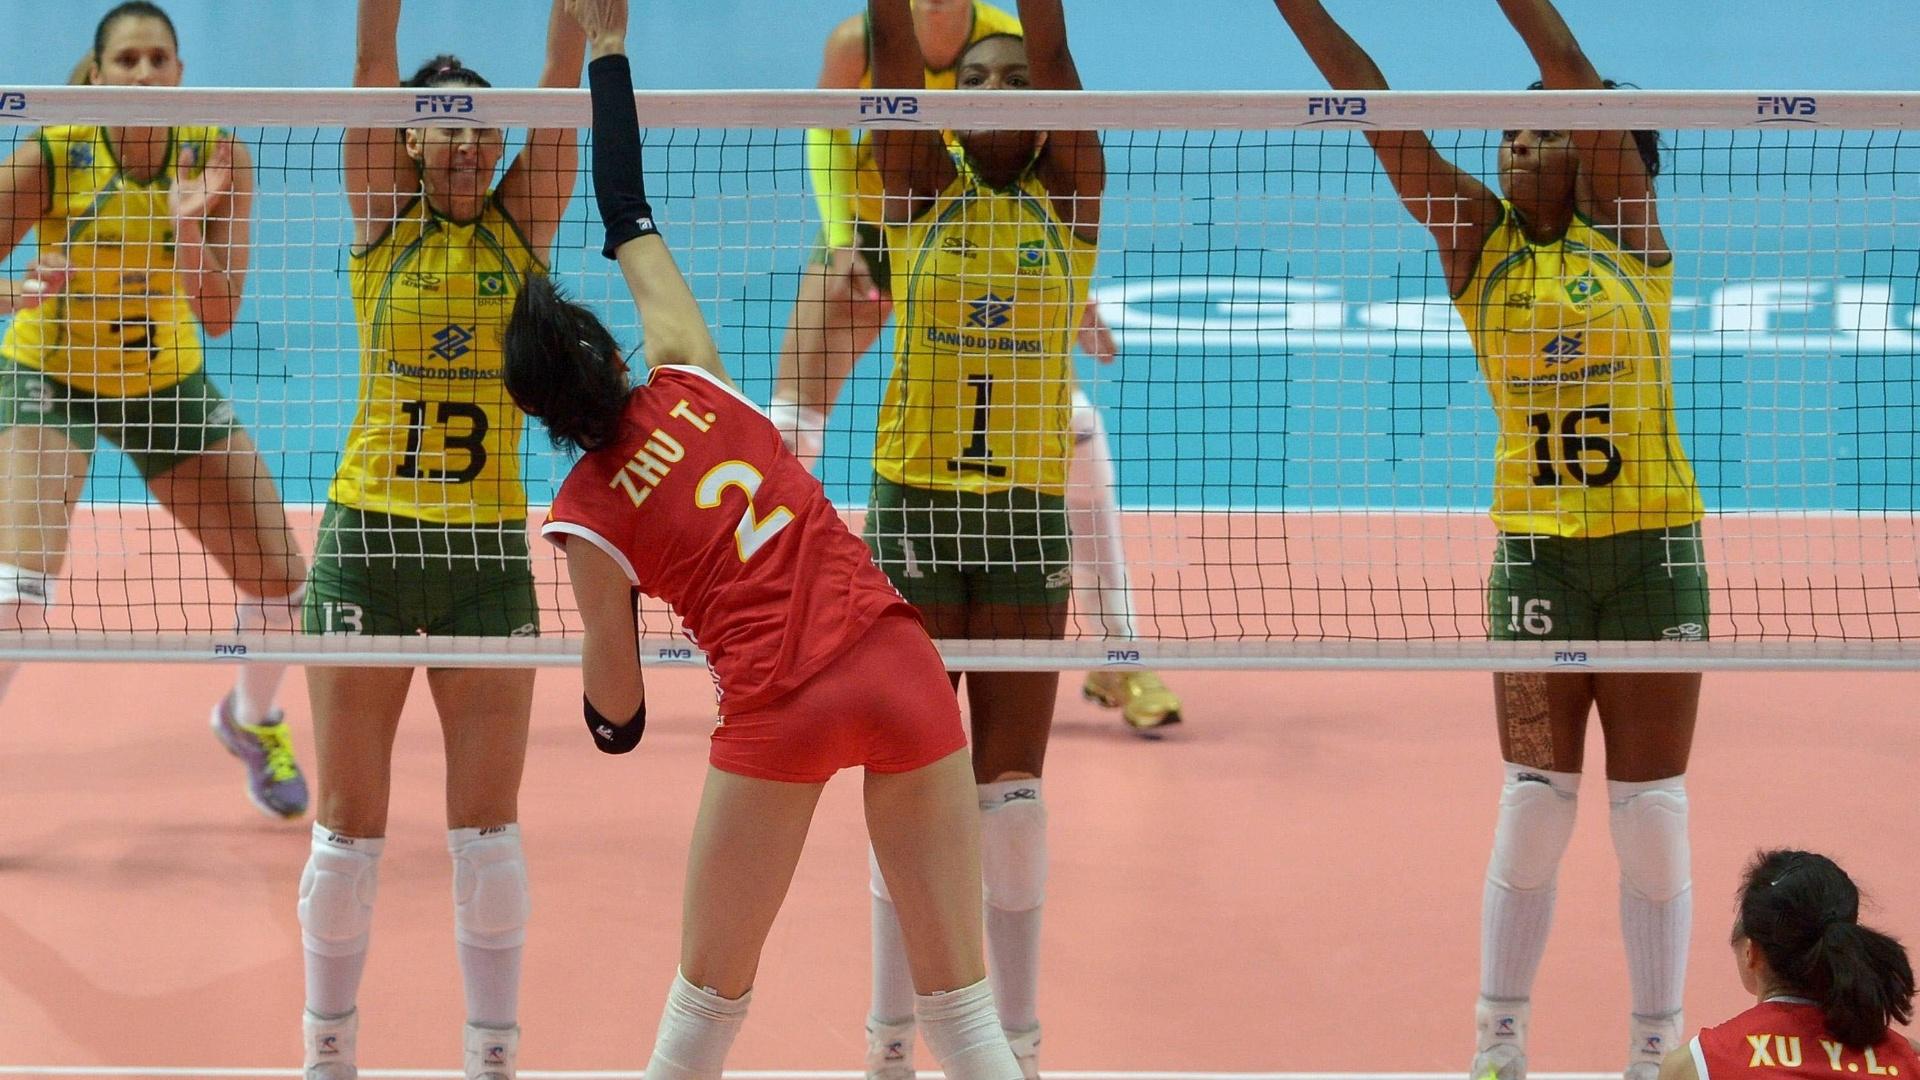 Chinesa Zhu Ting encara o bloqueio triplo do Brasil no Mundial de vôlei